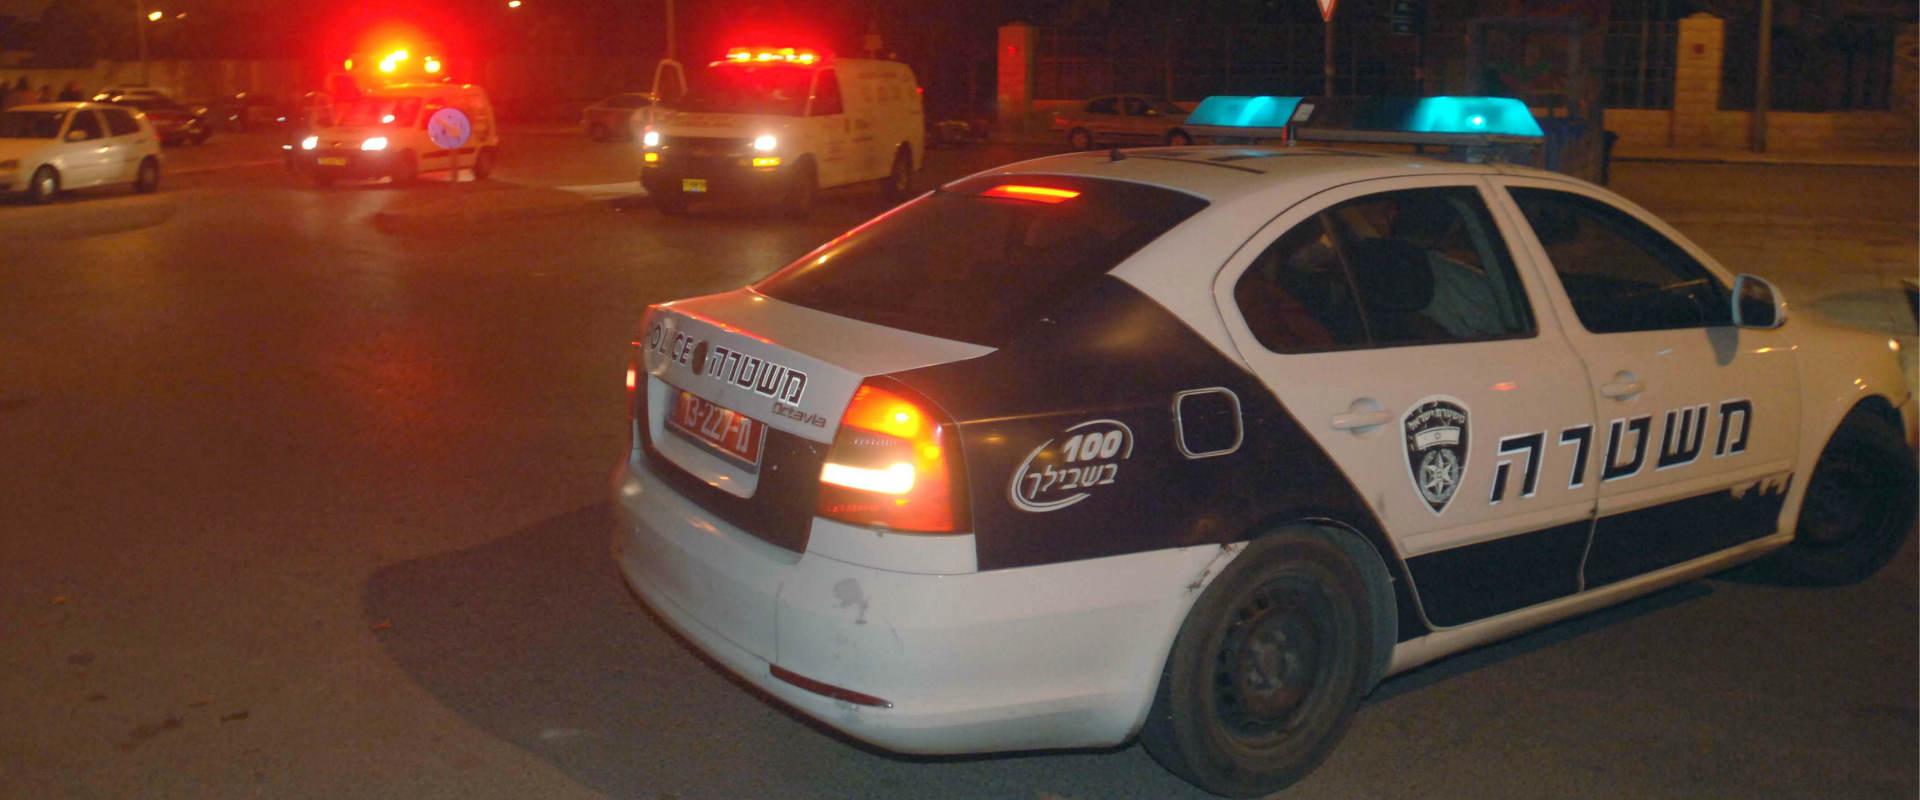 נכוחות משטרה וחירום